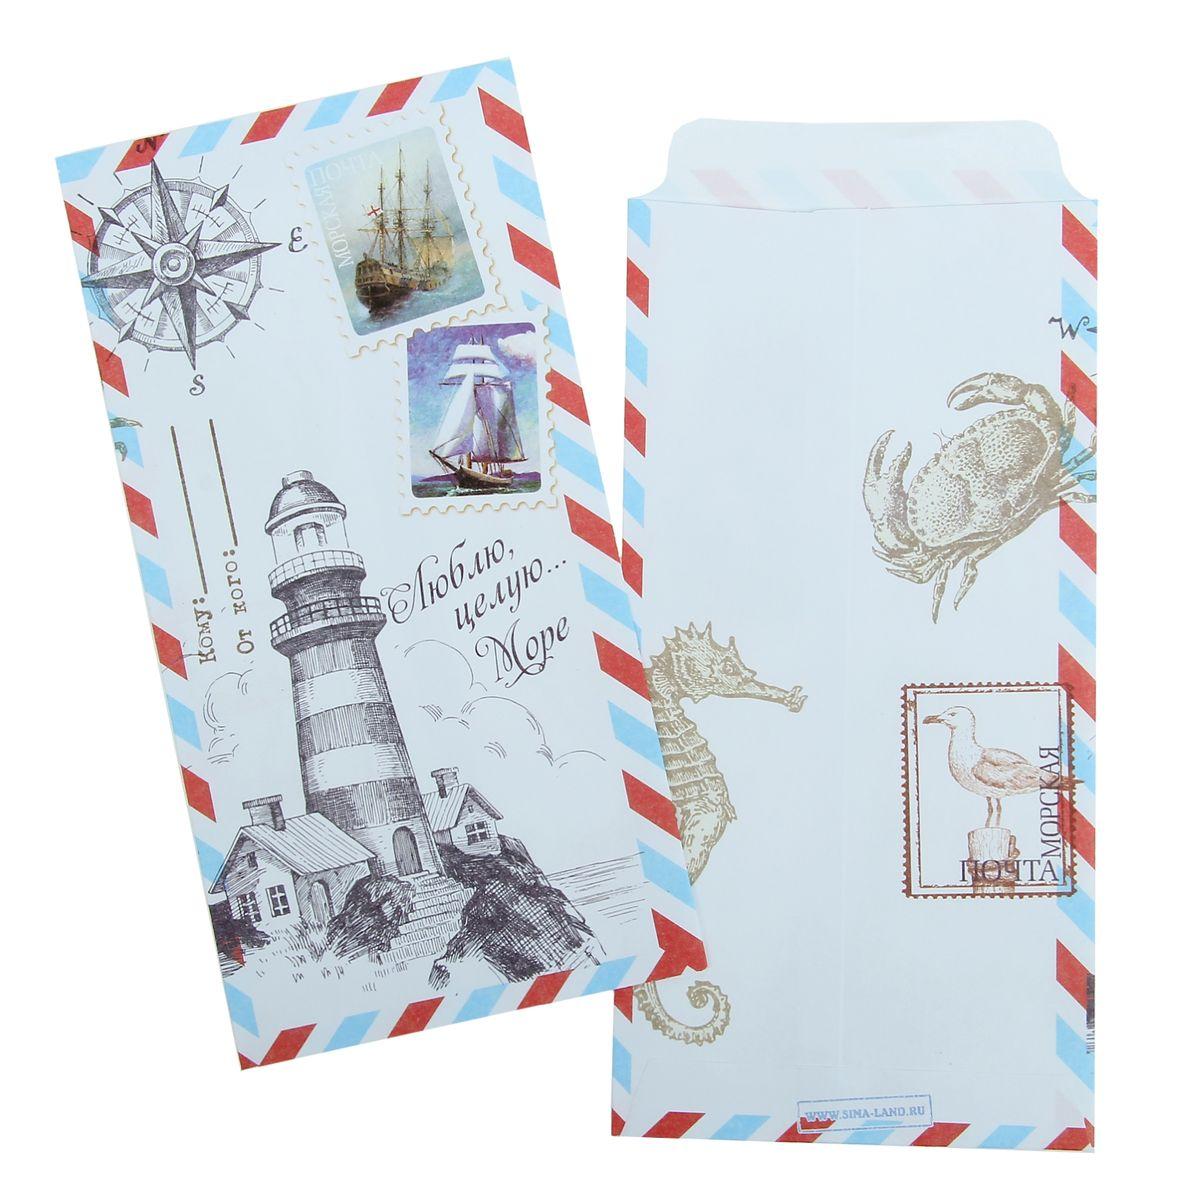 Конверт подарочный Море1021086Конверт подарочный Море изготовлен из бумаги. Лицевая сторона украшена изображением маяка, компаса, марками и надписью: Люблю, целую... Море. Такой конверт отлично подойдет для украшения подарка.